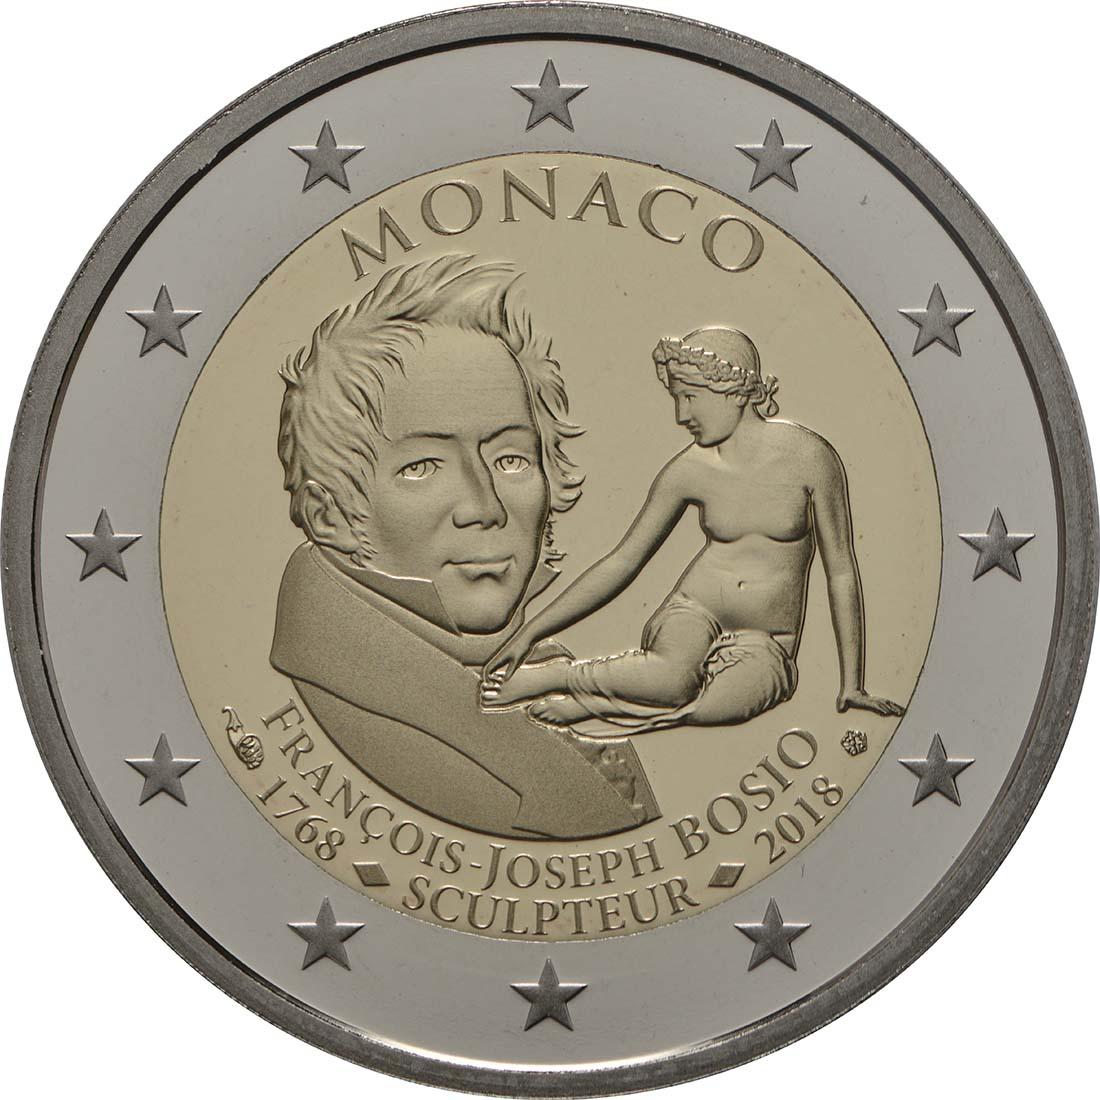 Neuigkeiten Zum Thema Münzen Und Euromünzen